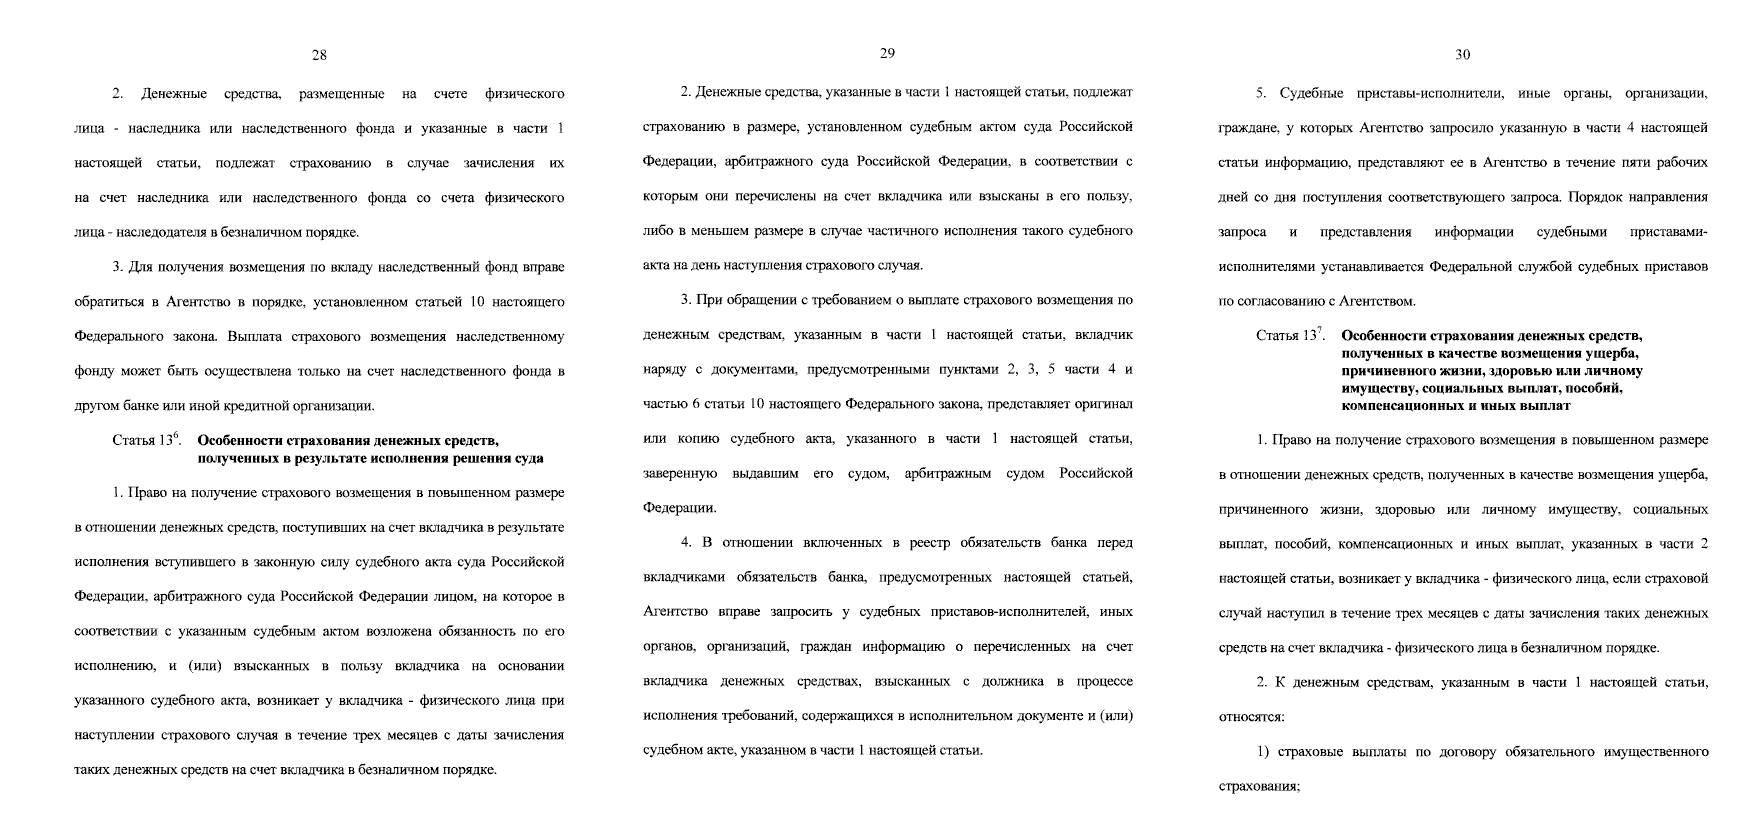 Внесены изменения отдельные законодательные акты РФ. Закон № 163-ФЗ